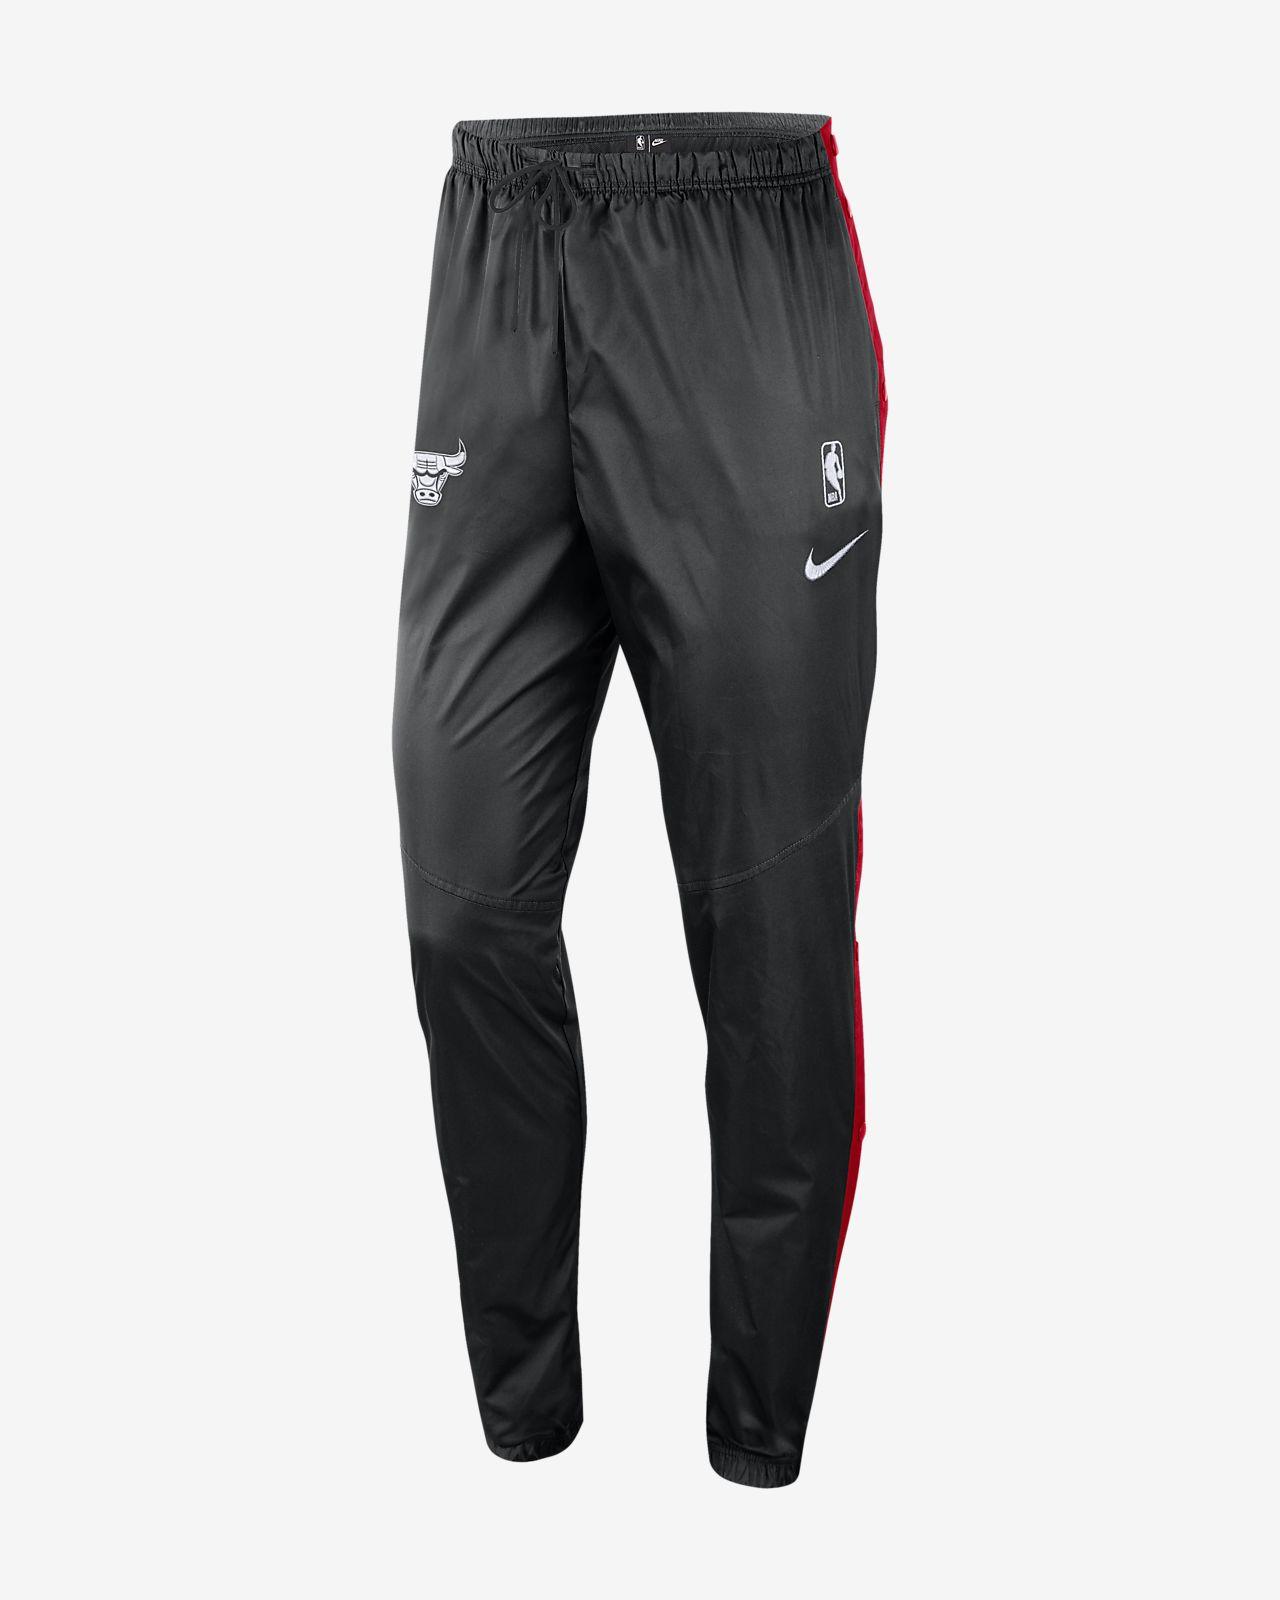 NBA-byxor Chicago Bulls Nike för kvinnor